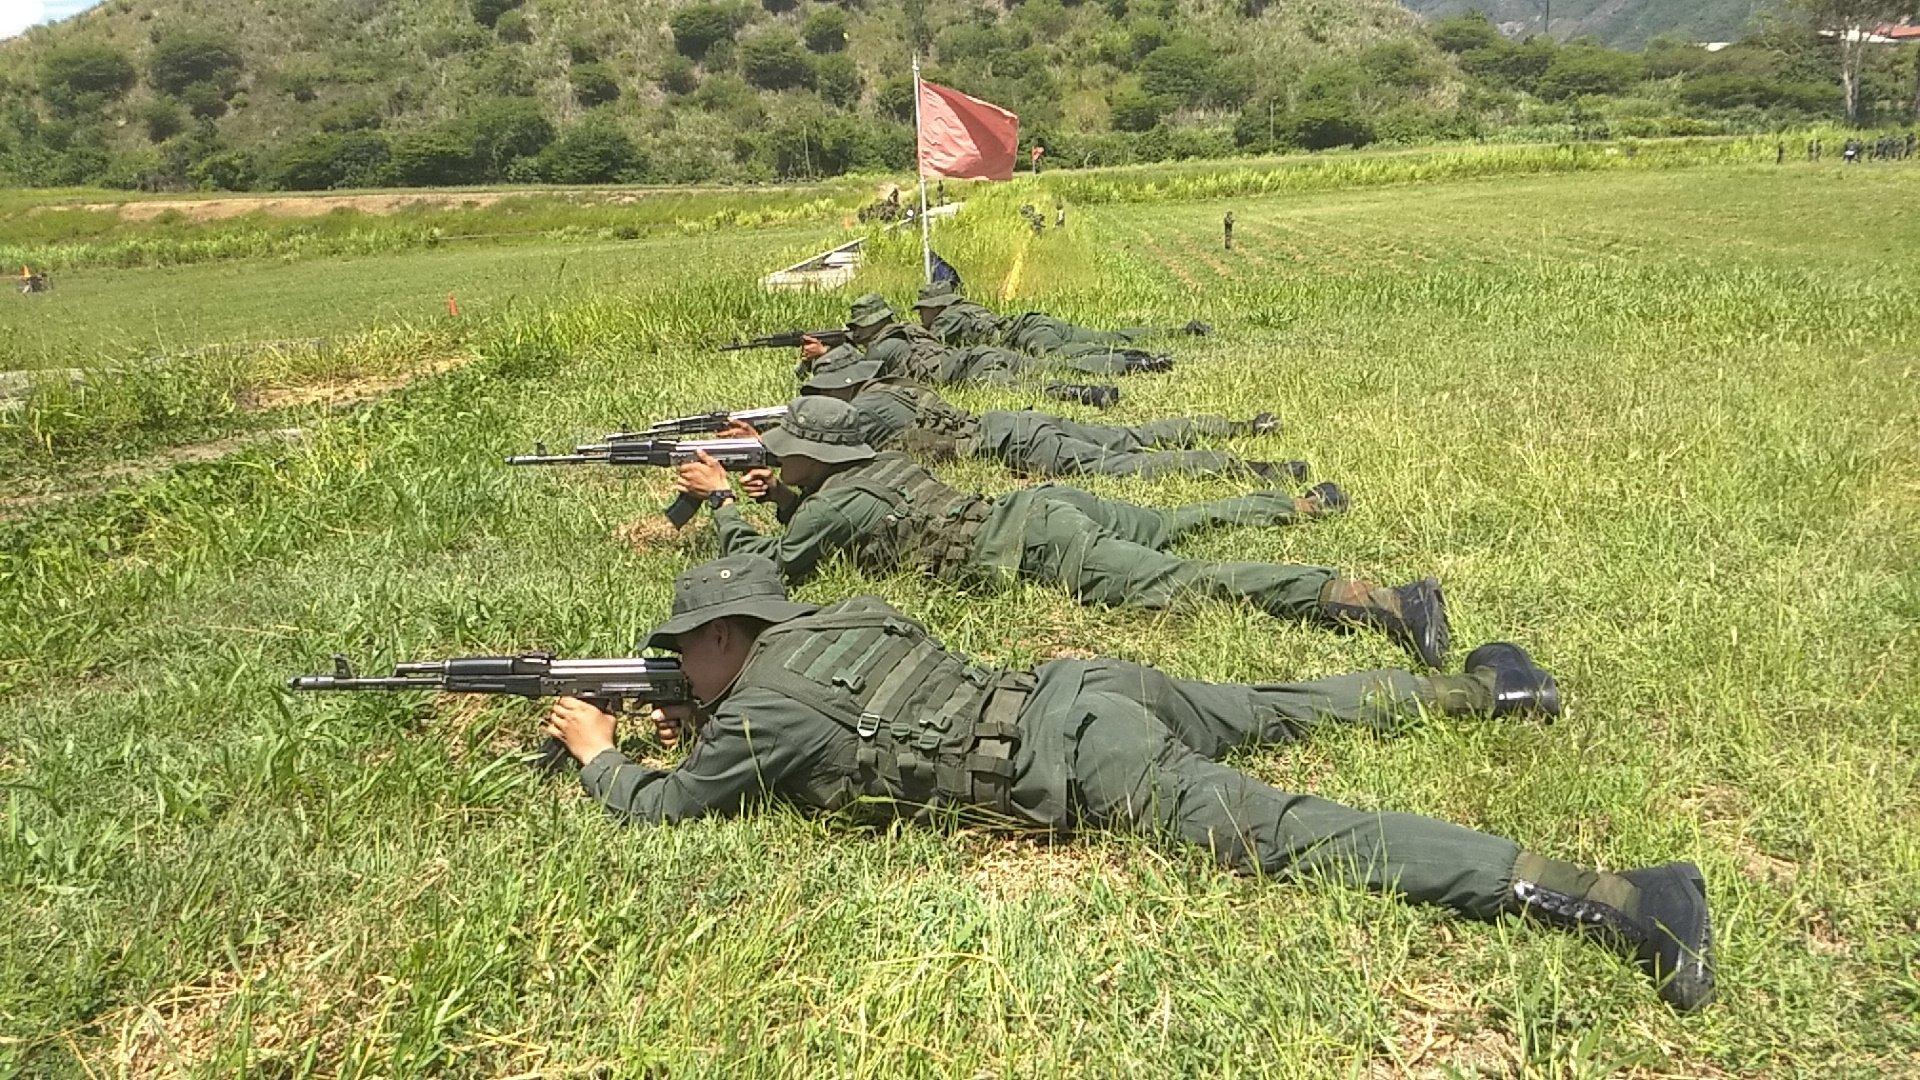 Soldados do Método Tático de Resistência Revolucionária